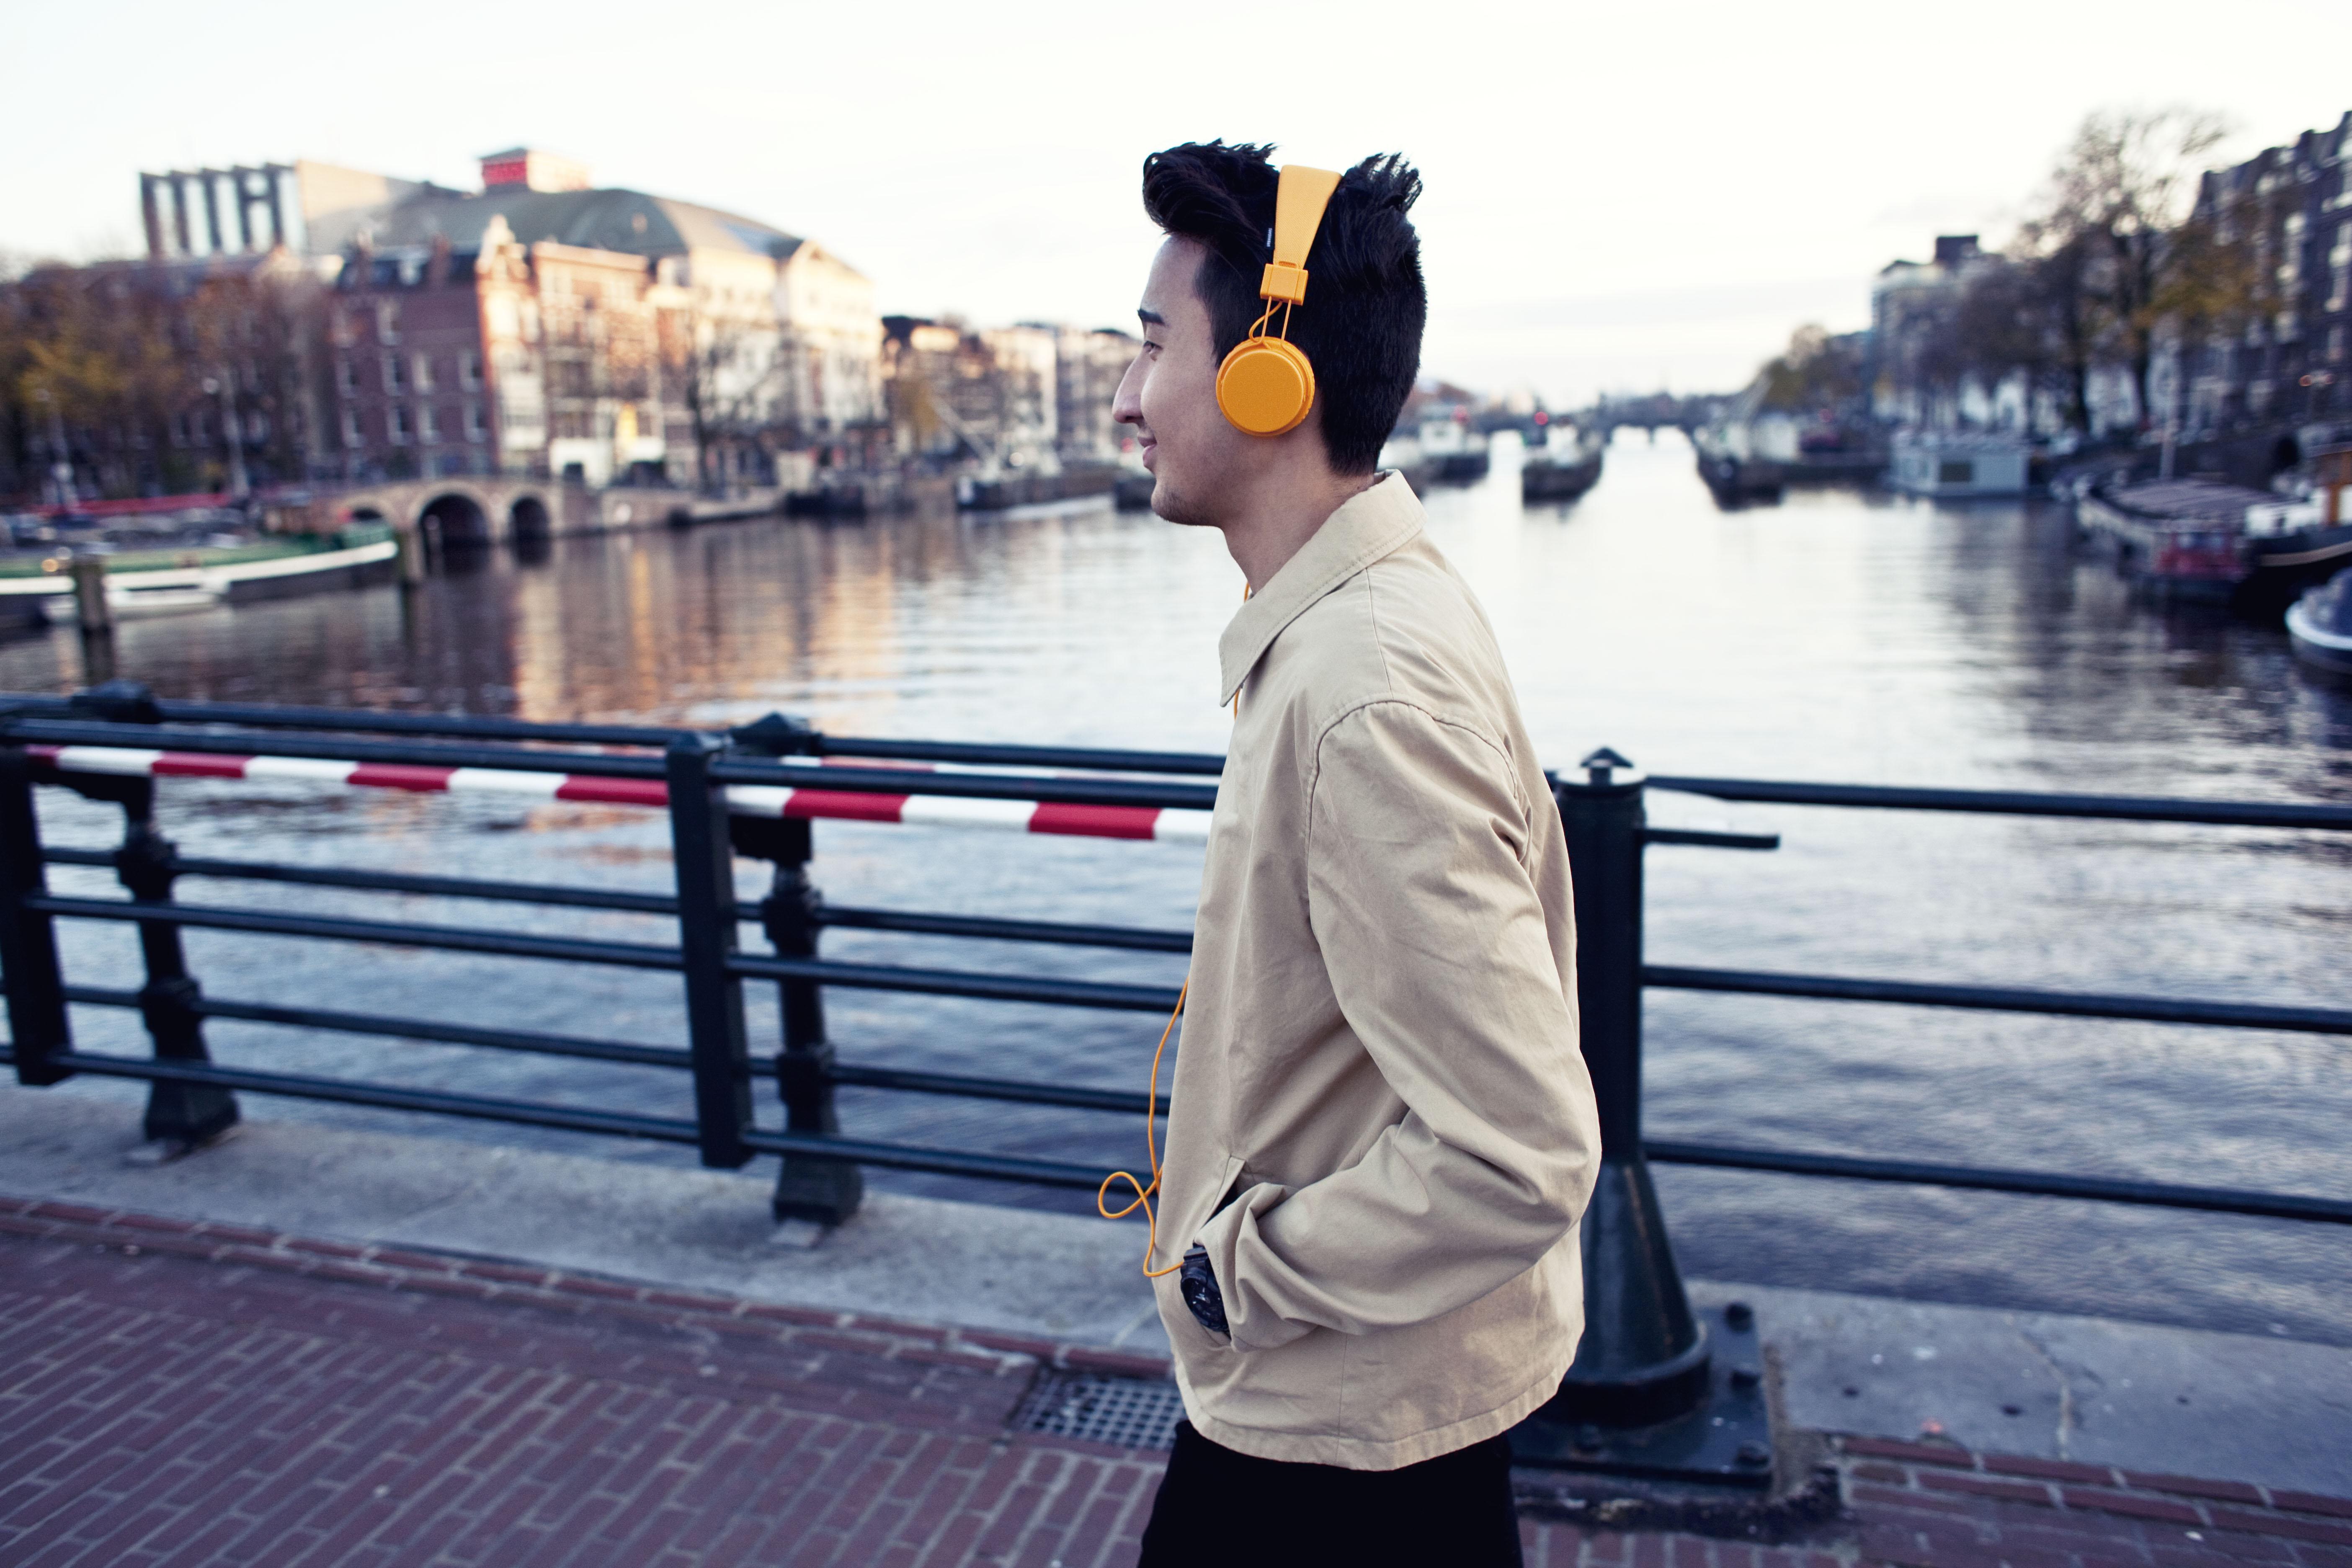 Junge läuft mit Kopfhörern über eine Brücke